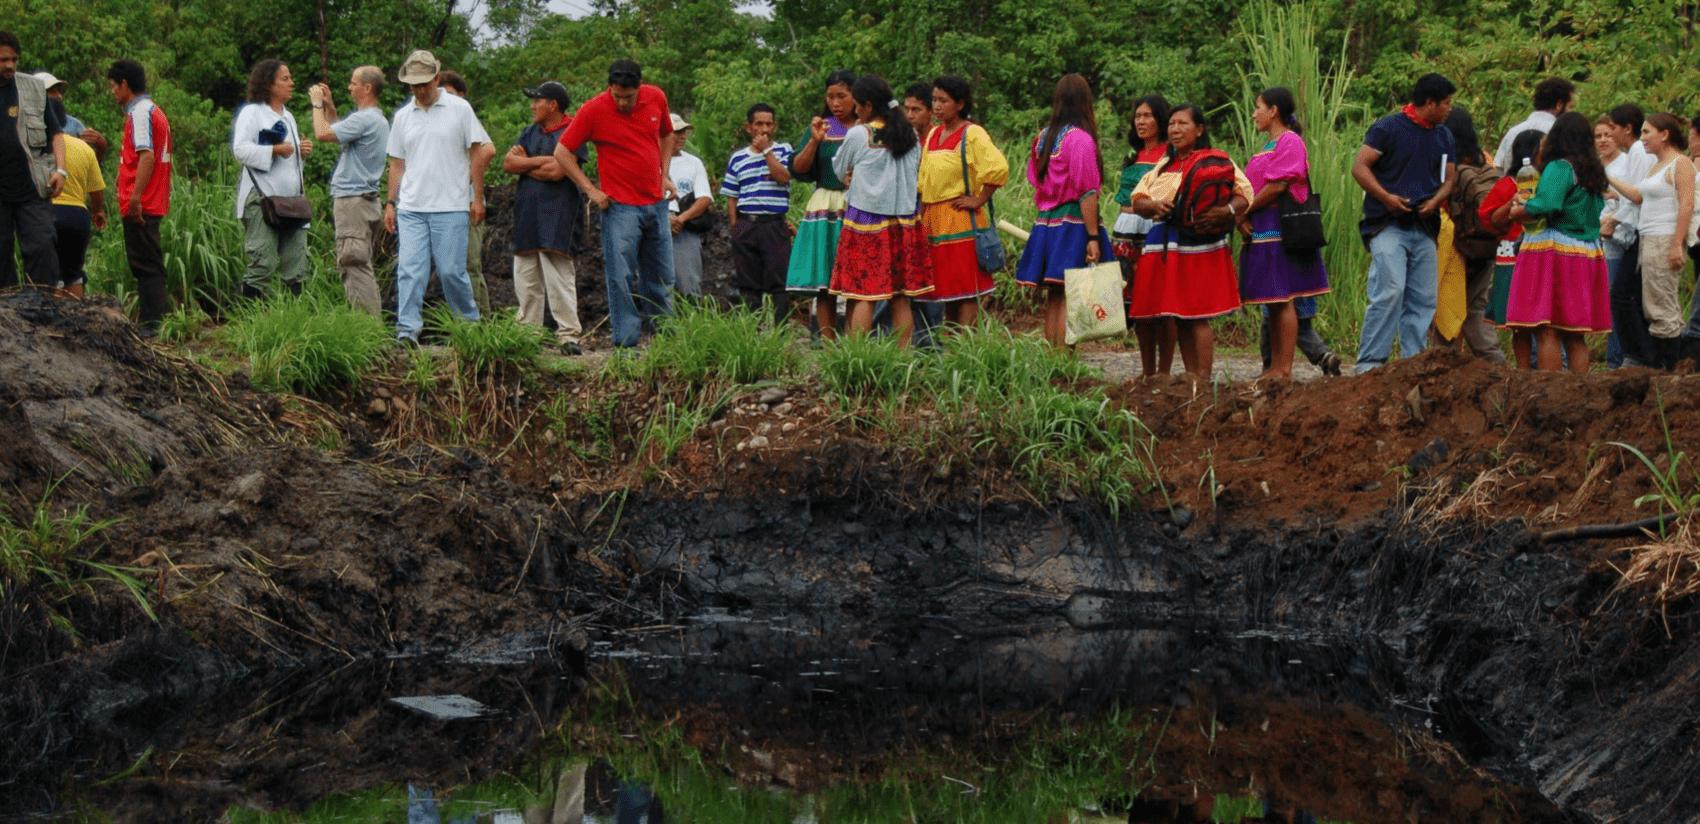 Lokale bewoners staan rond een door oliesmurrie vervuilde vijver in hun dorp in Ecuador.